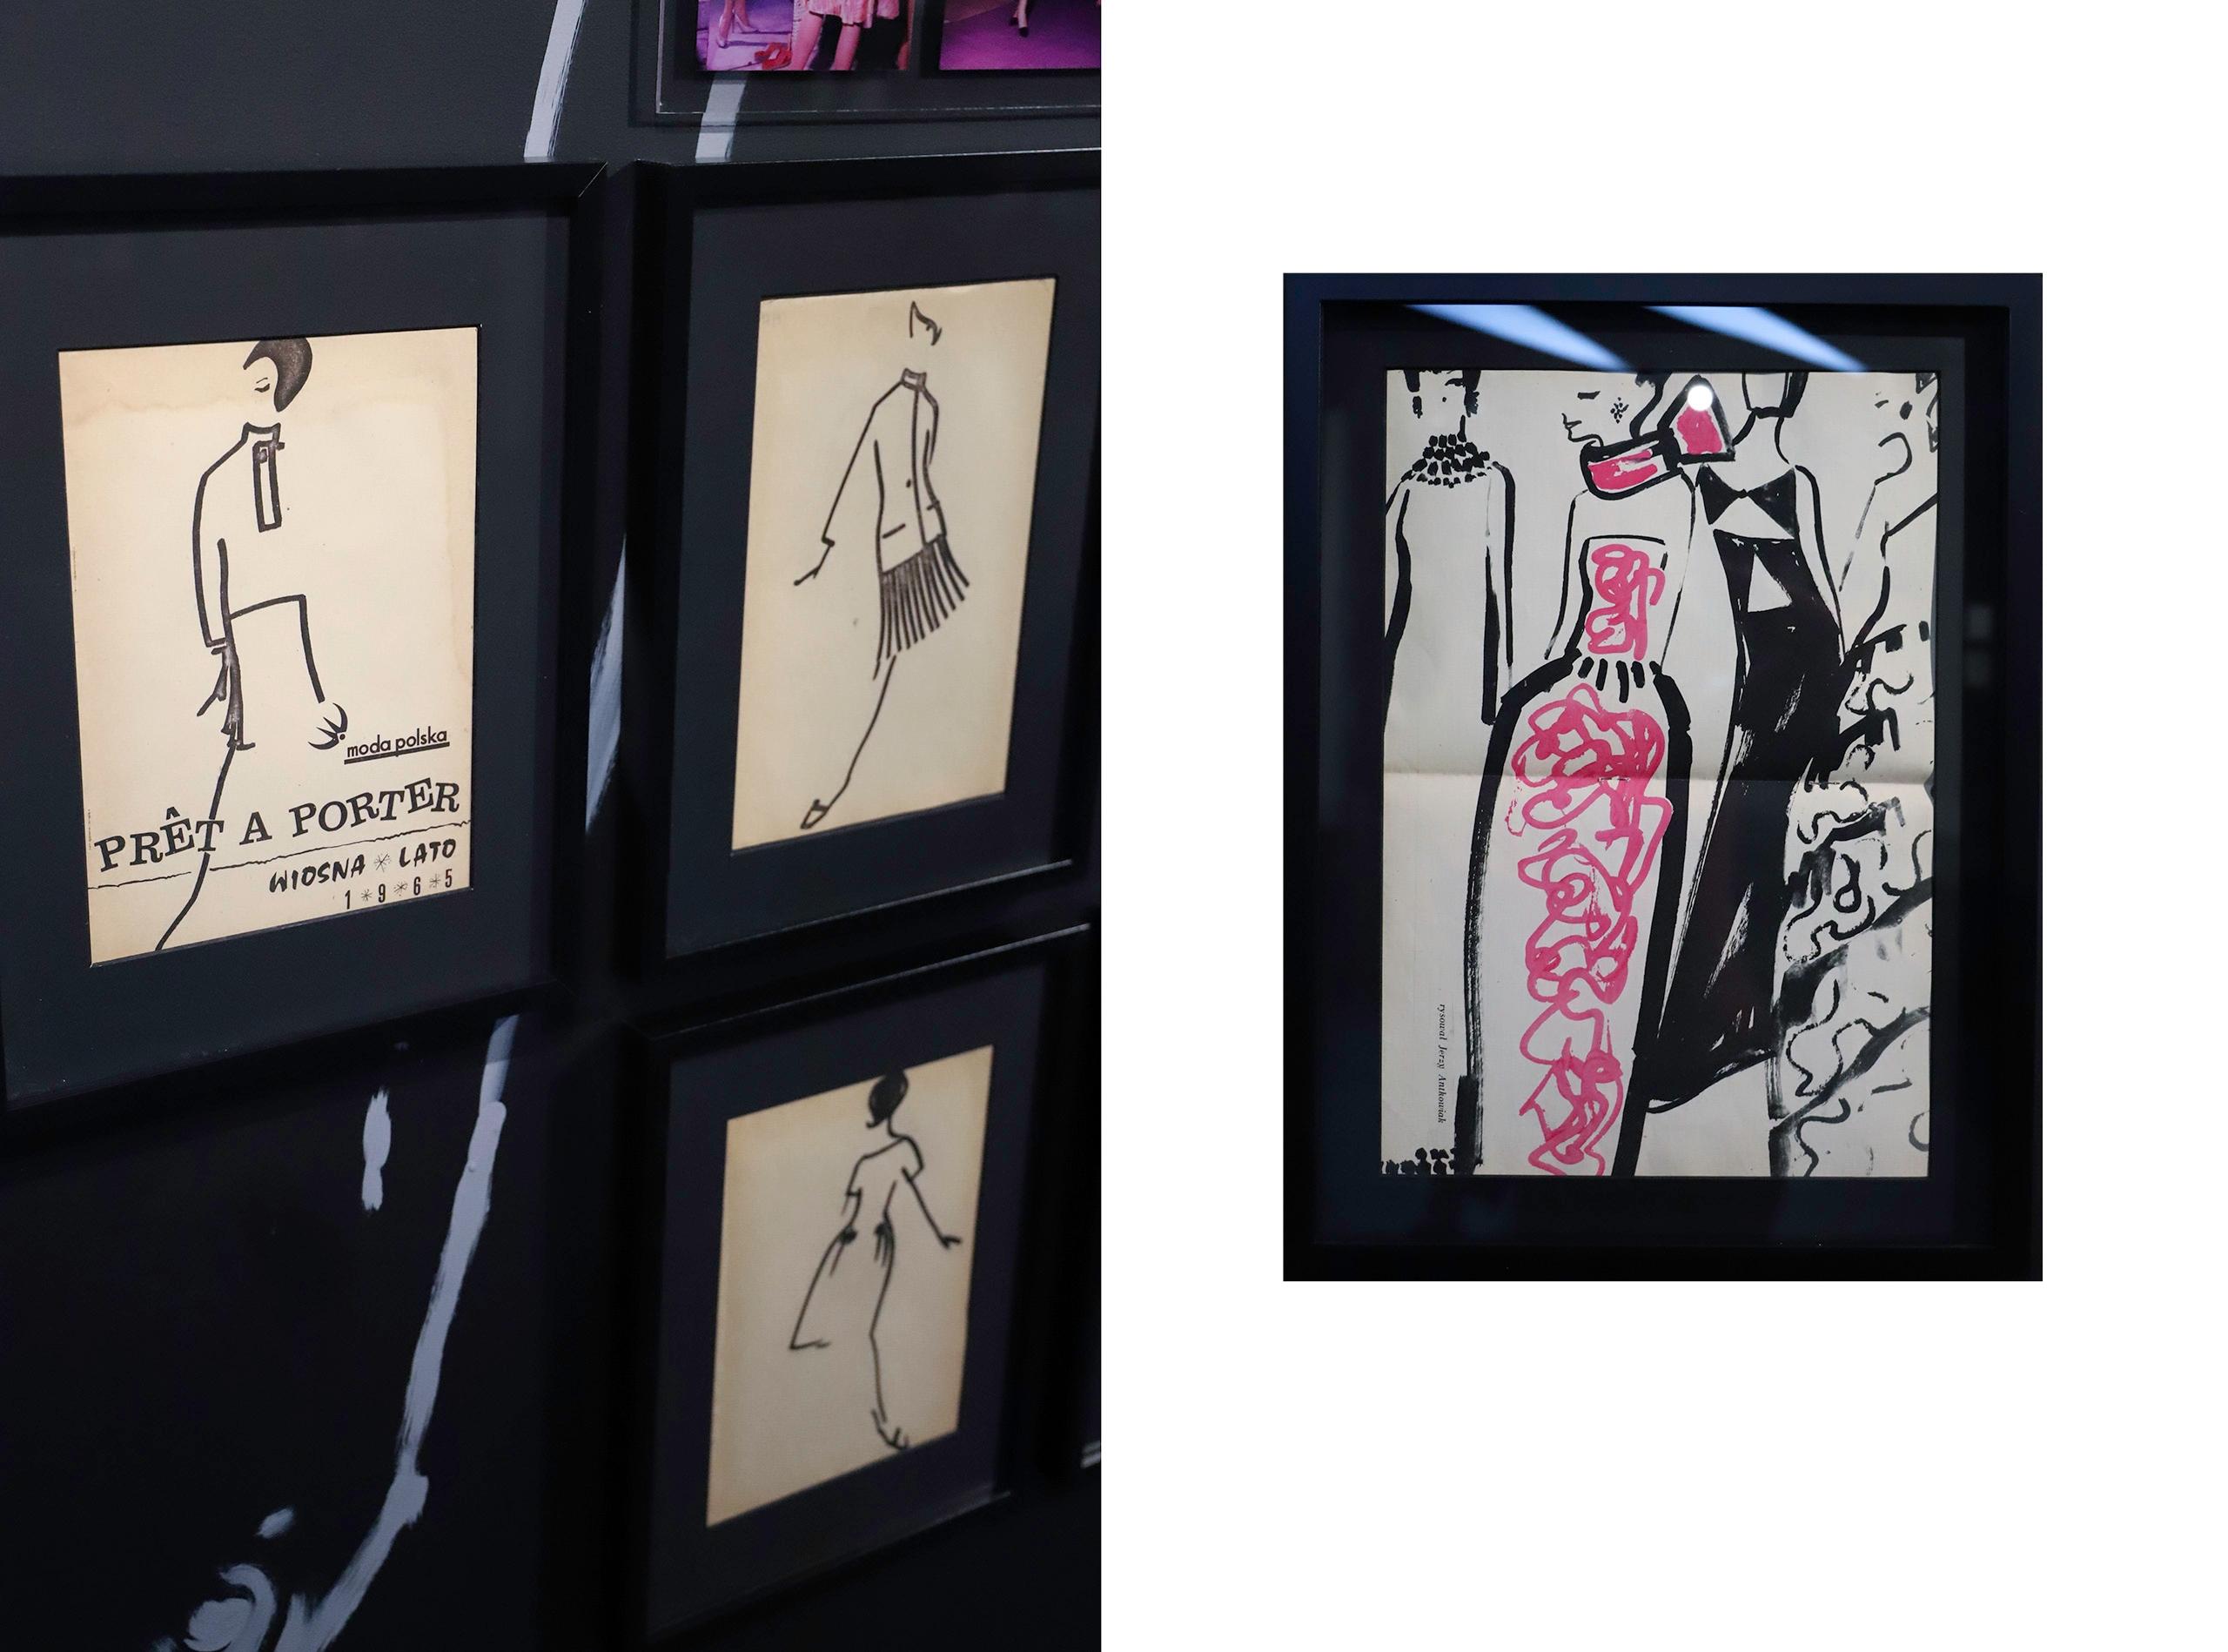 Obraz przedstawia dwa zdjęcia rysunków oprawionych w ramy.